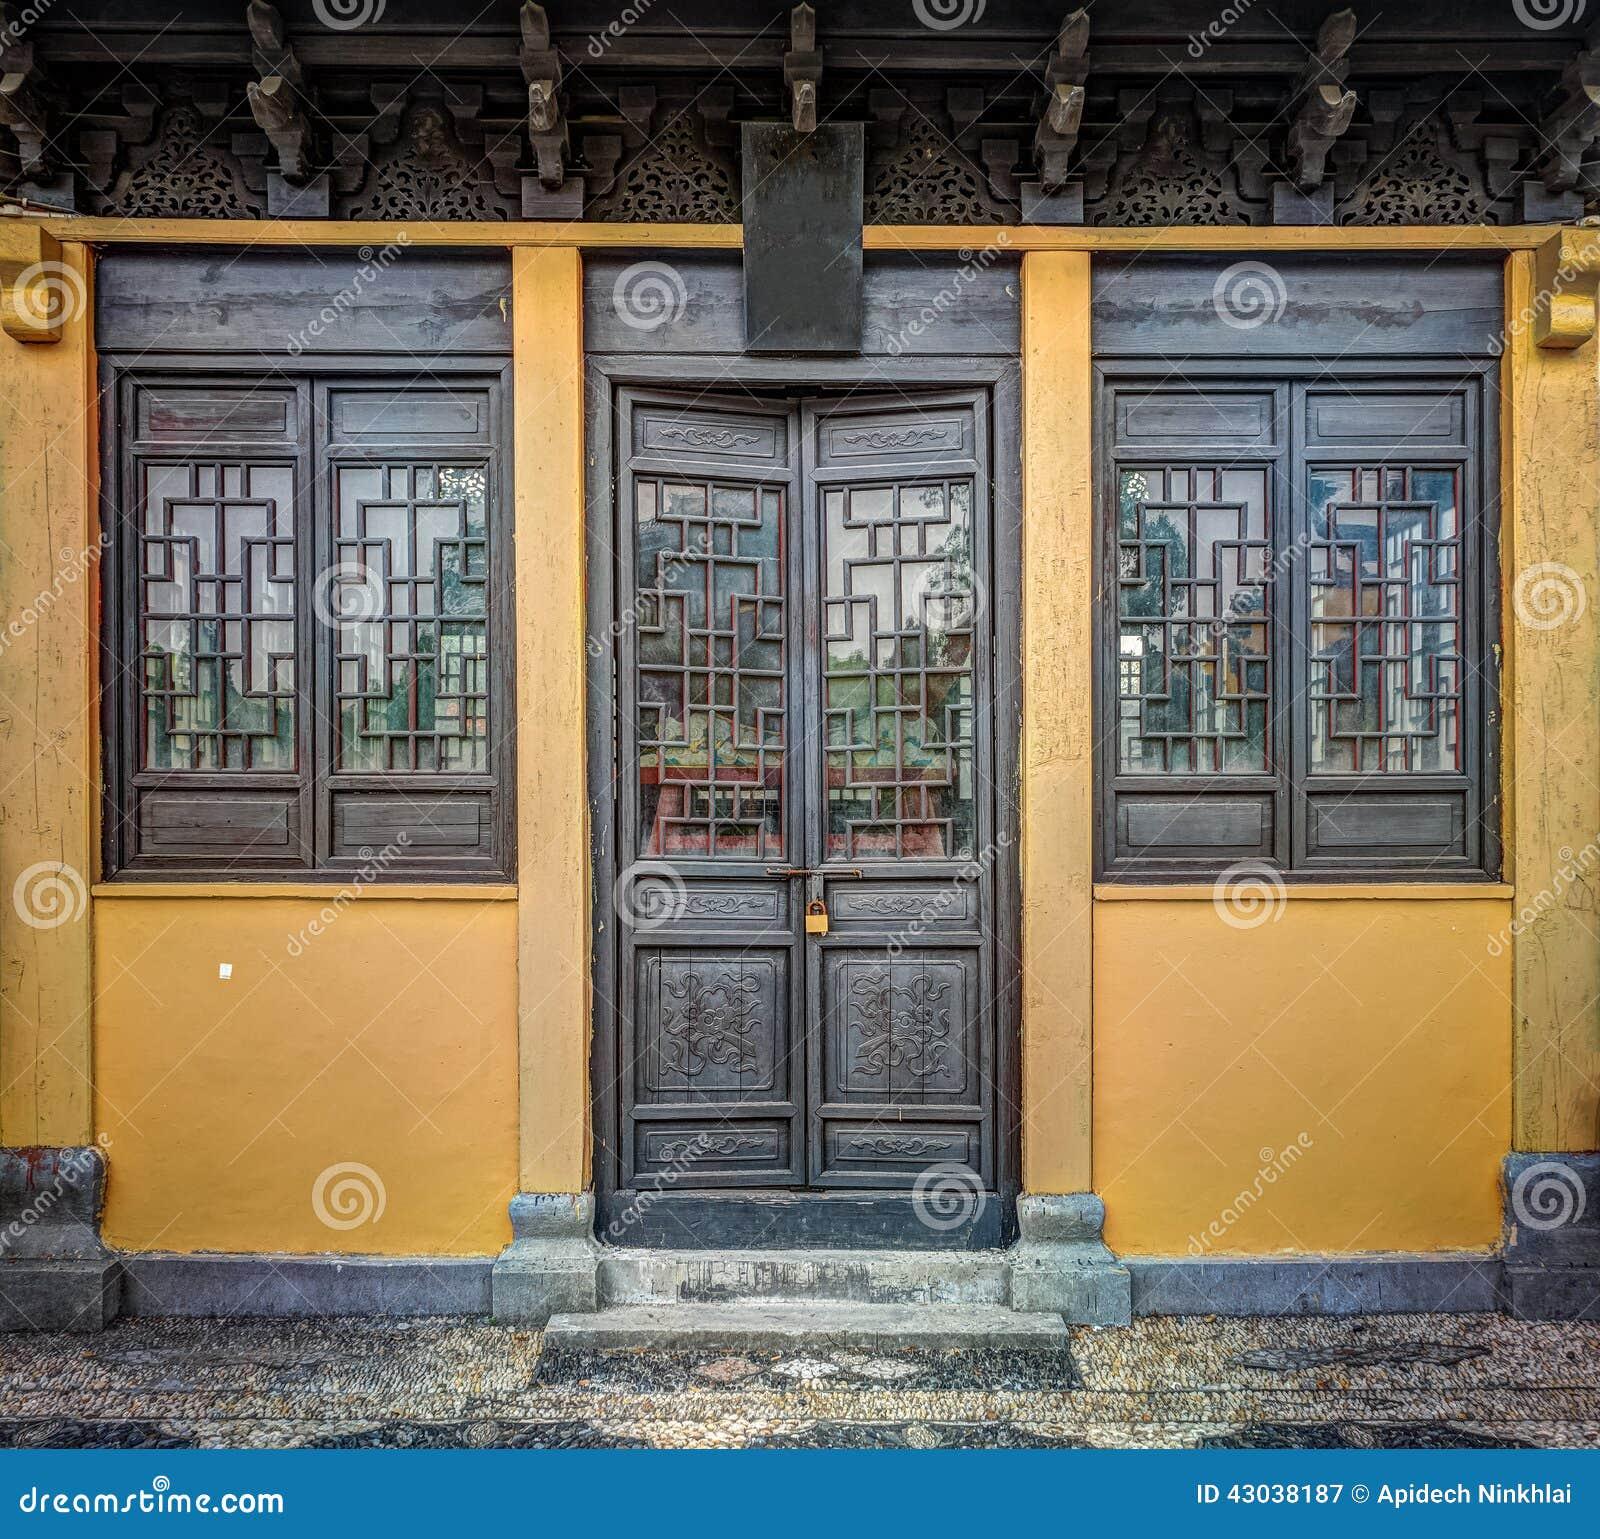 #A27329  Porta As Janelas E O Telhado De Madeira Cinzelados Foto de Stock 1254 Portas E Janelas Em Madeira Juiz De Fora